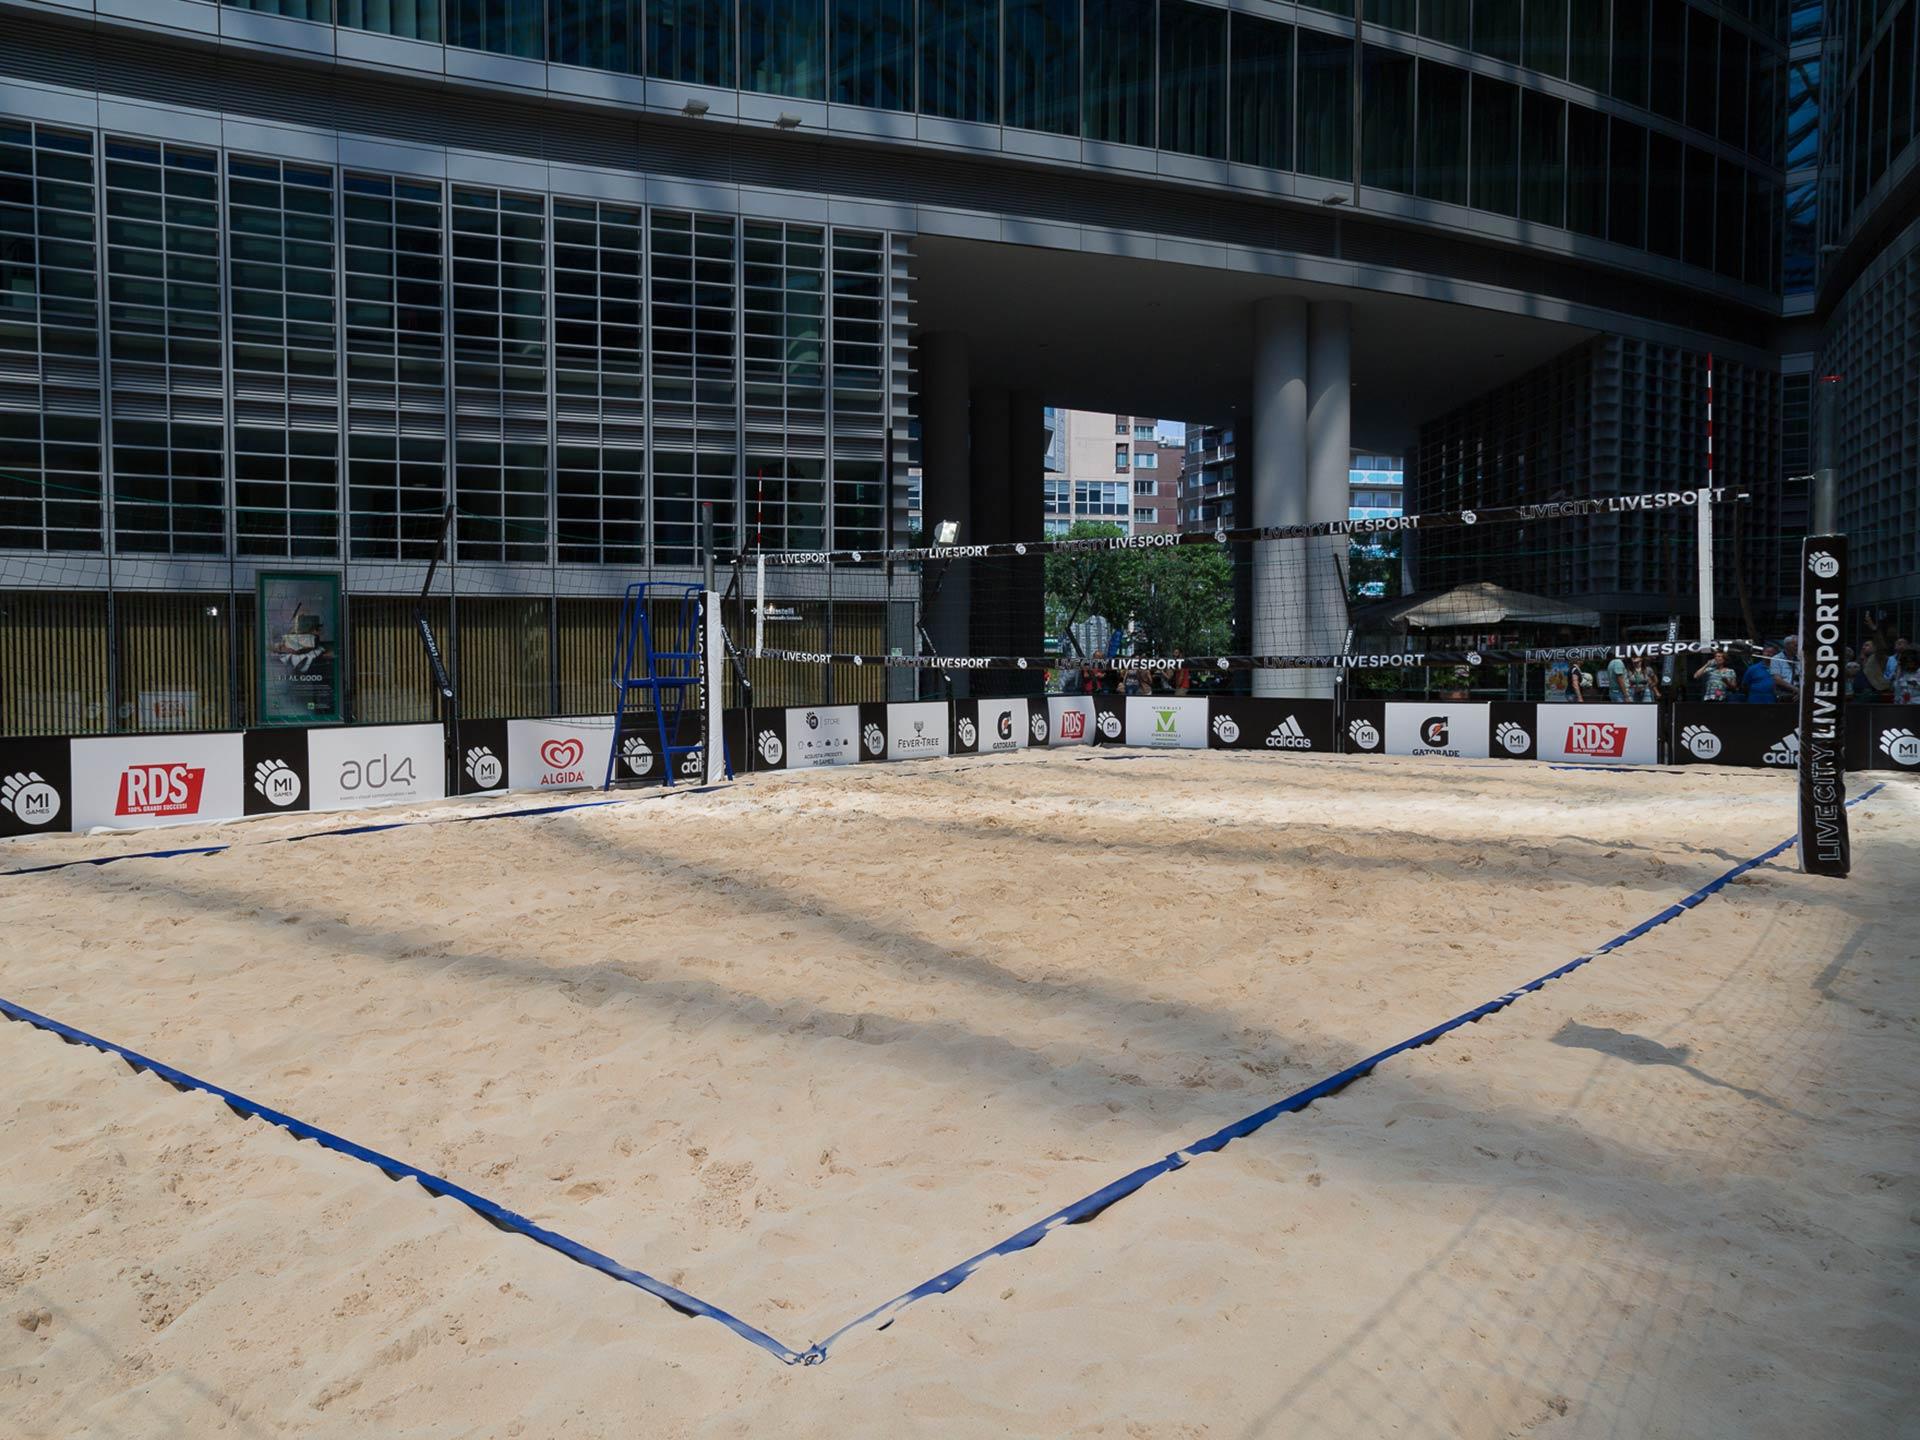 Campo beach volley - Noleggicoampi.it